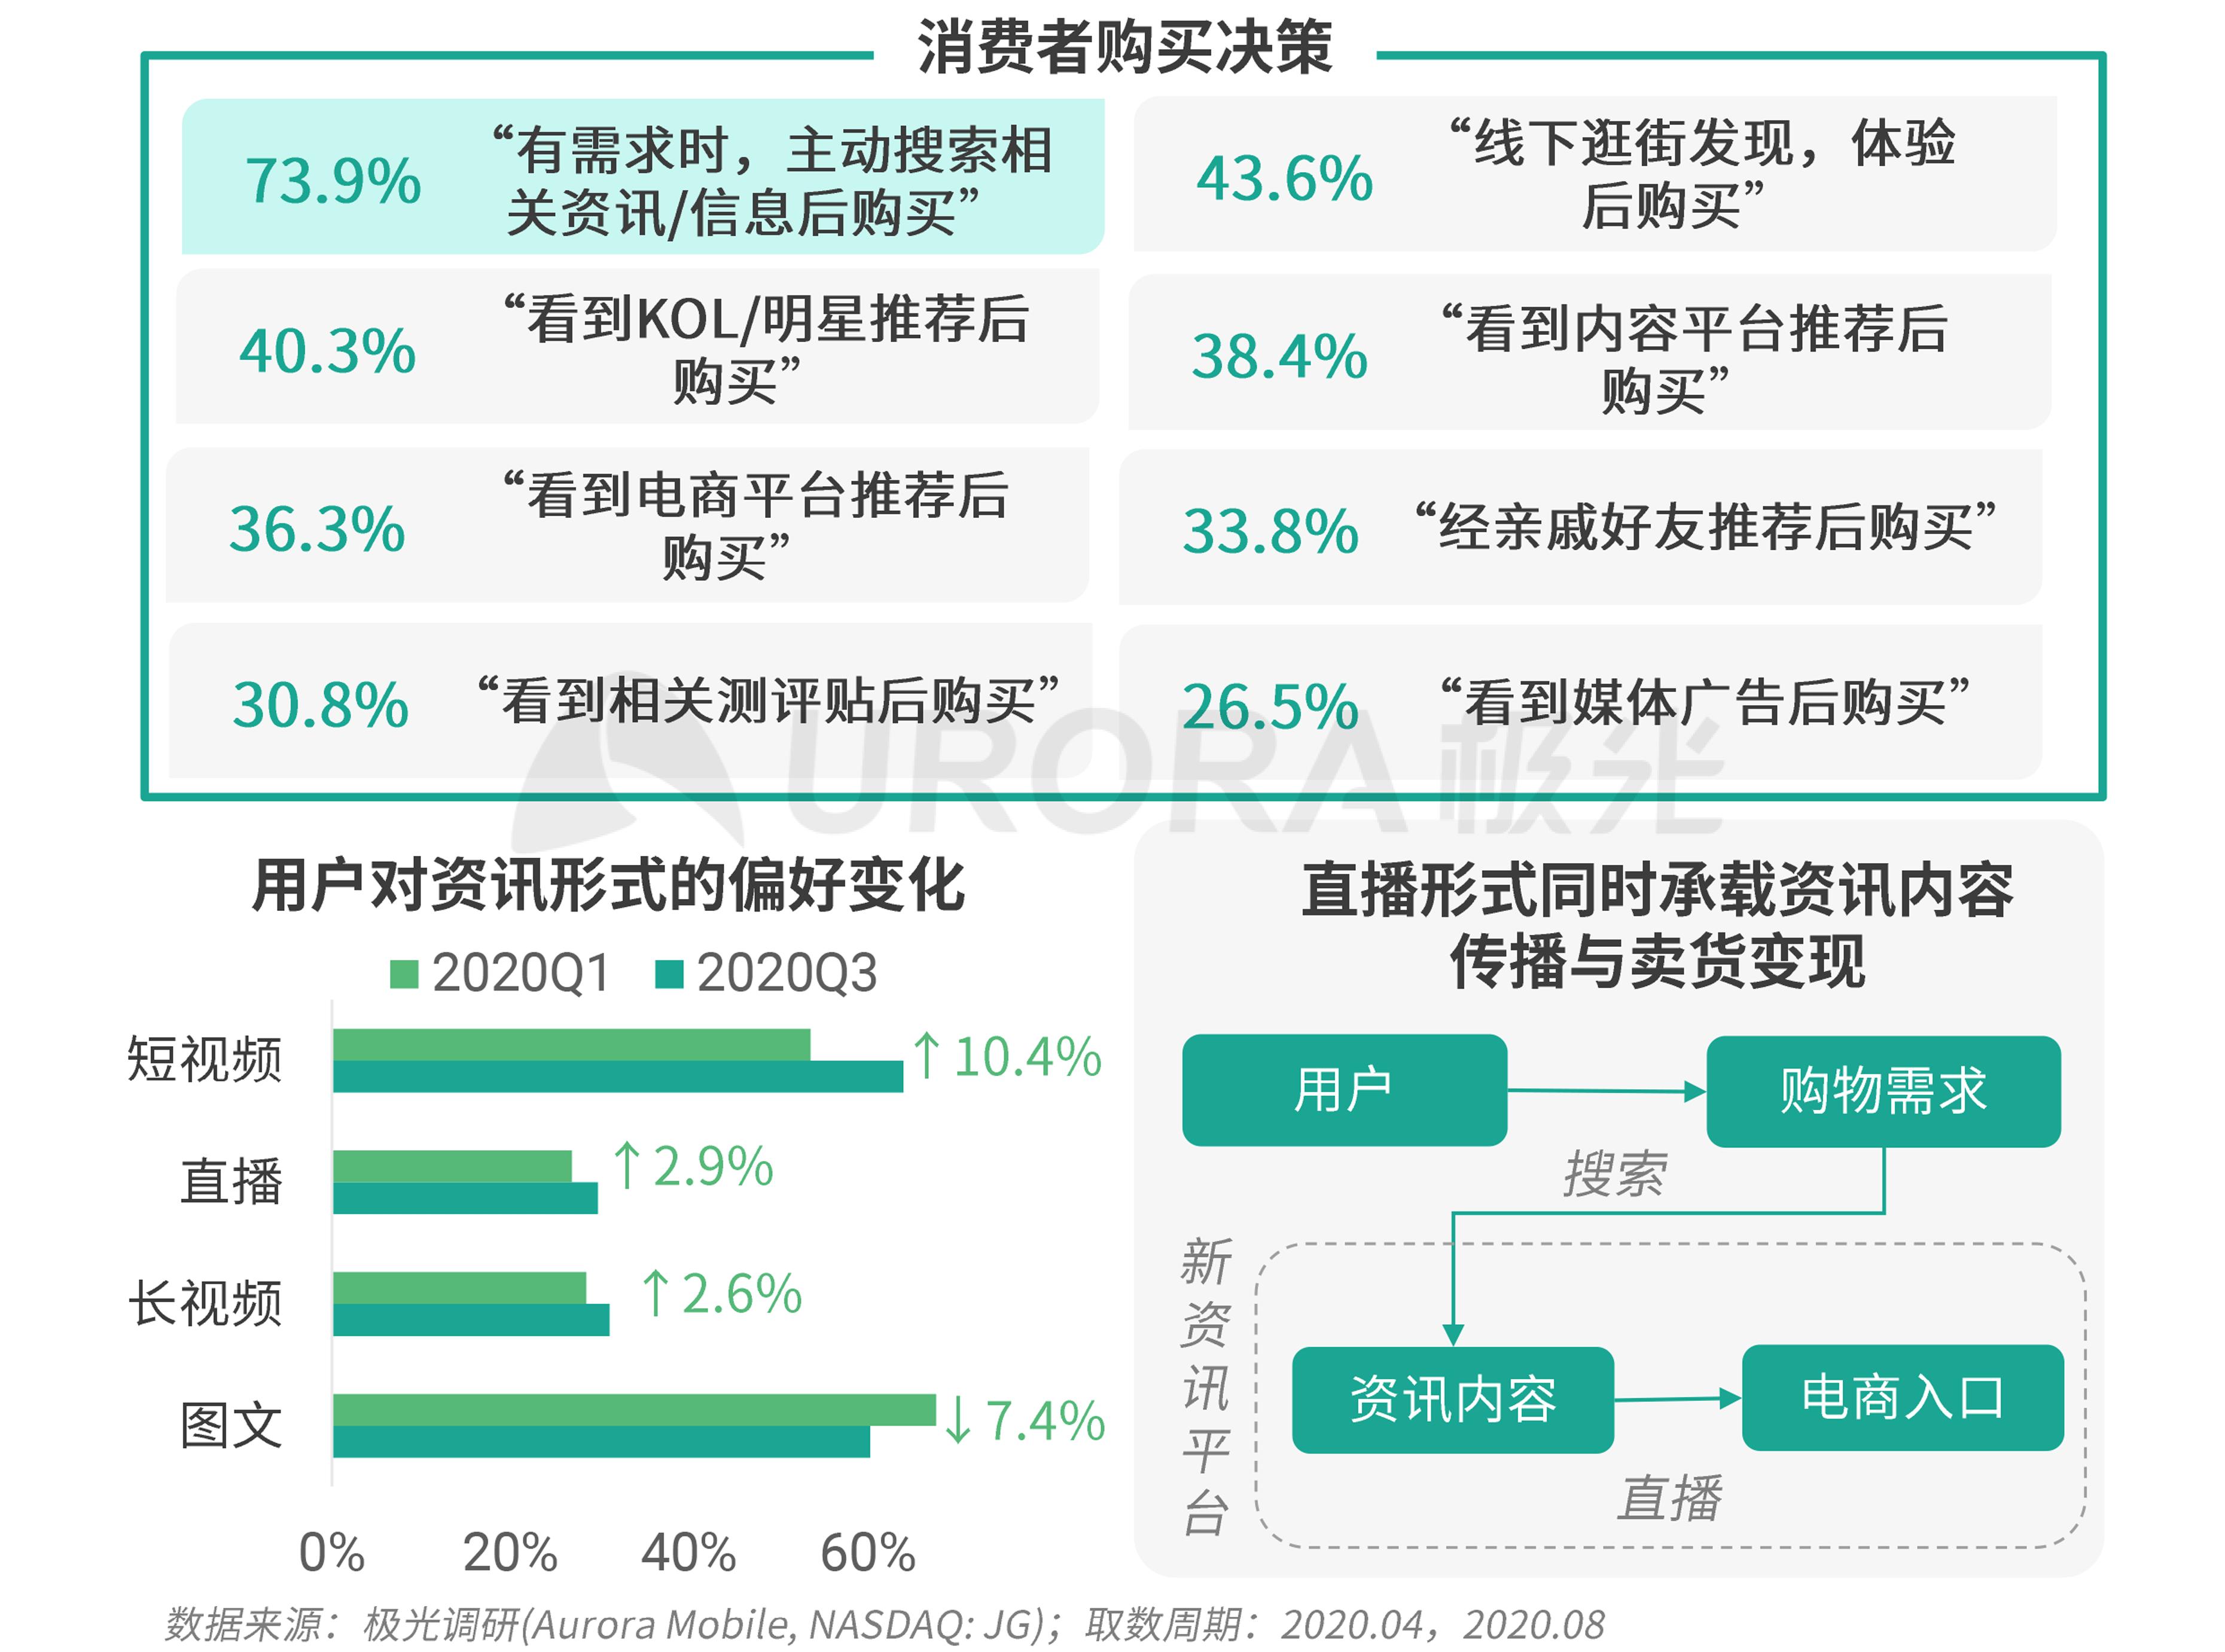 极光:新资讯行业系列报告--内容篇 (29).png